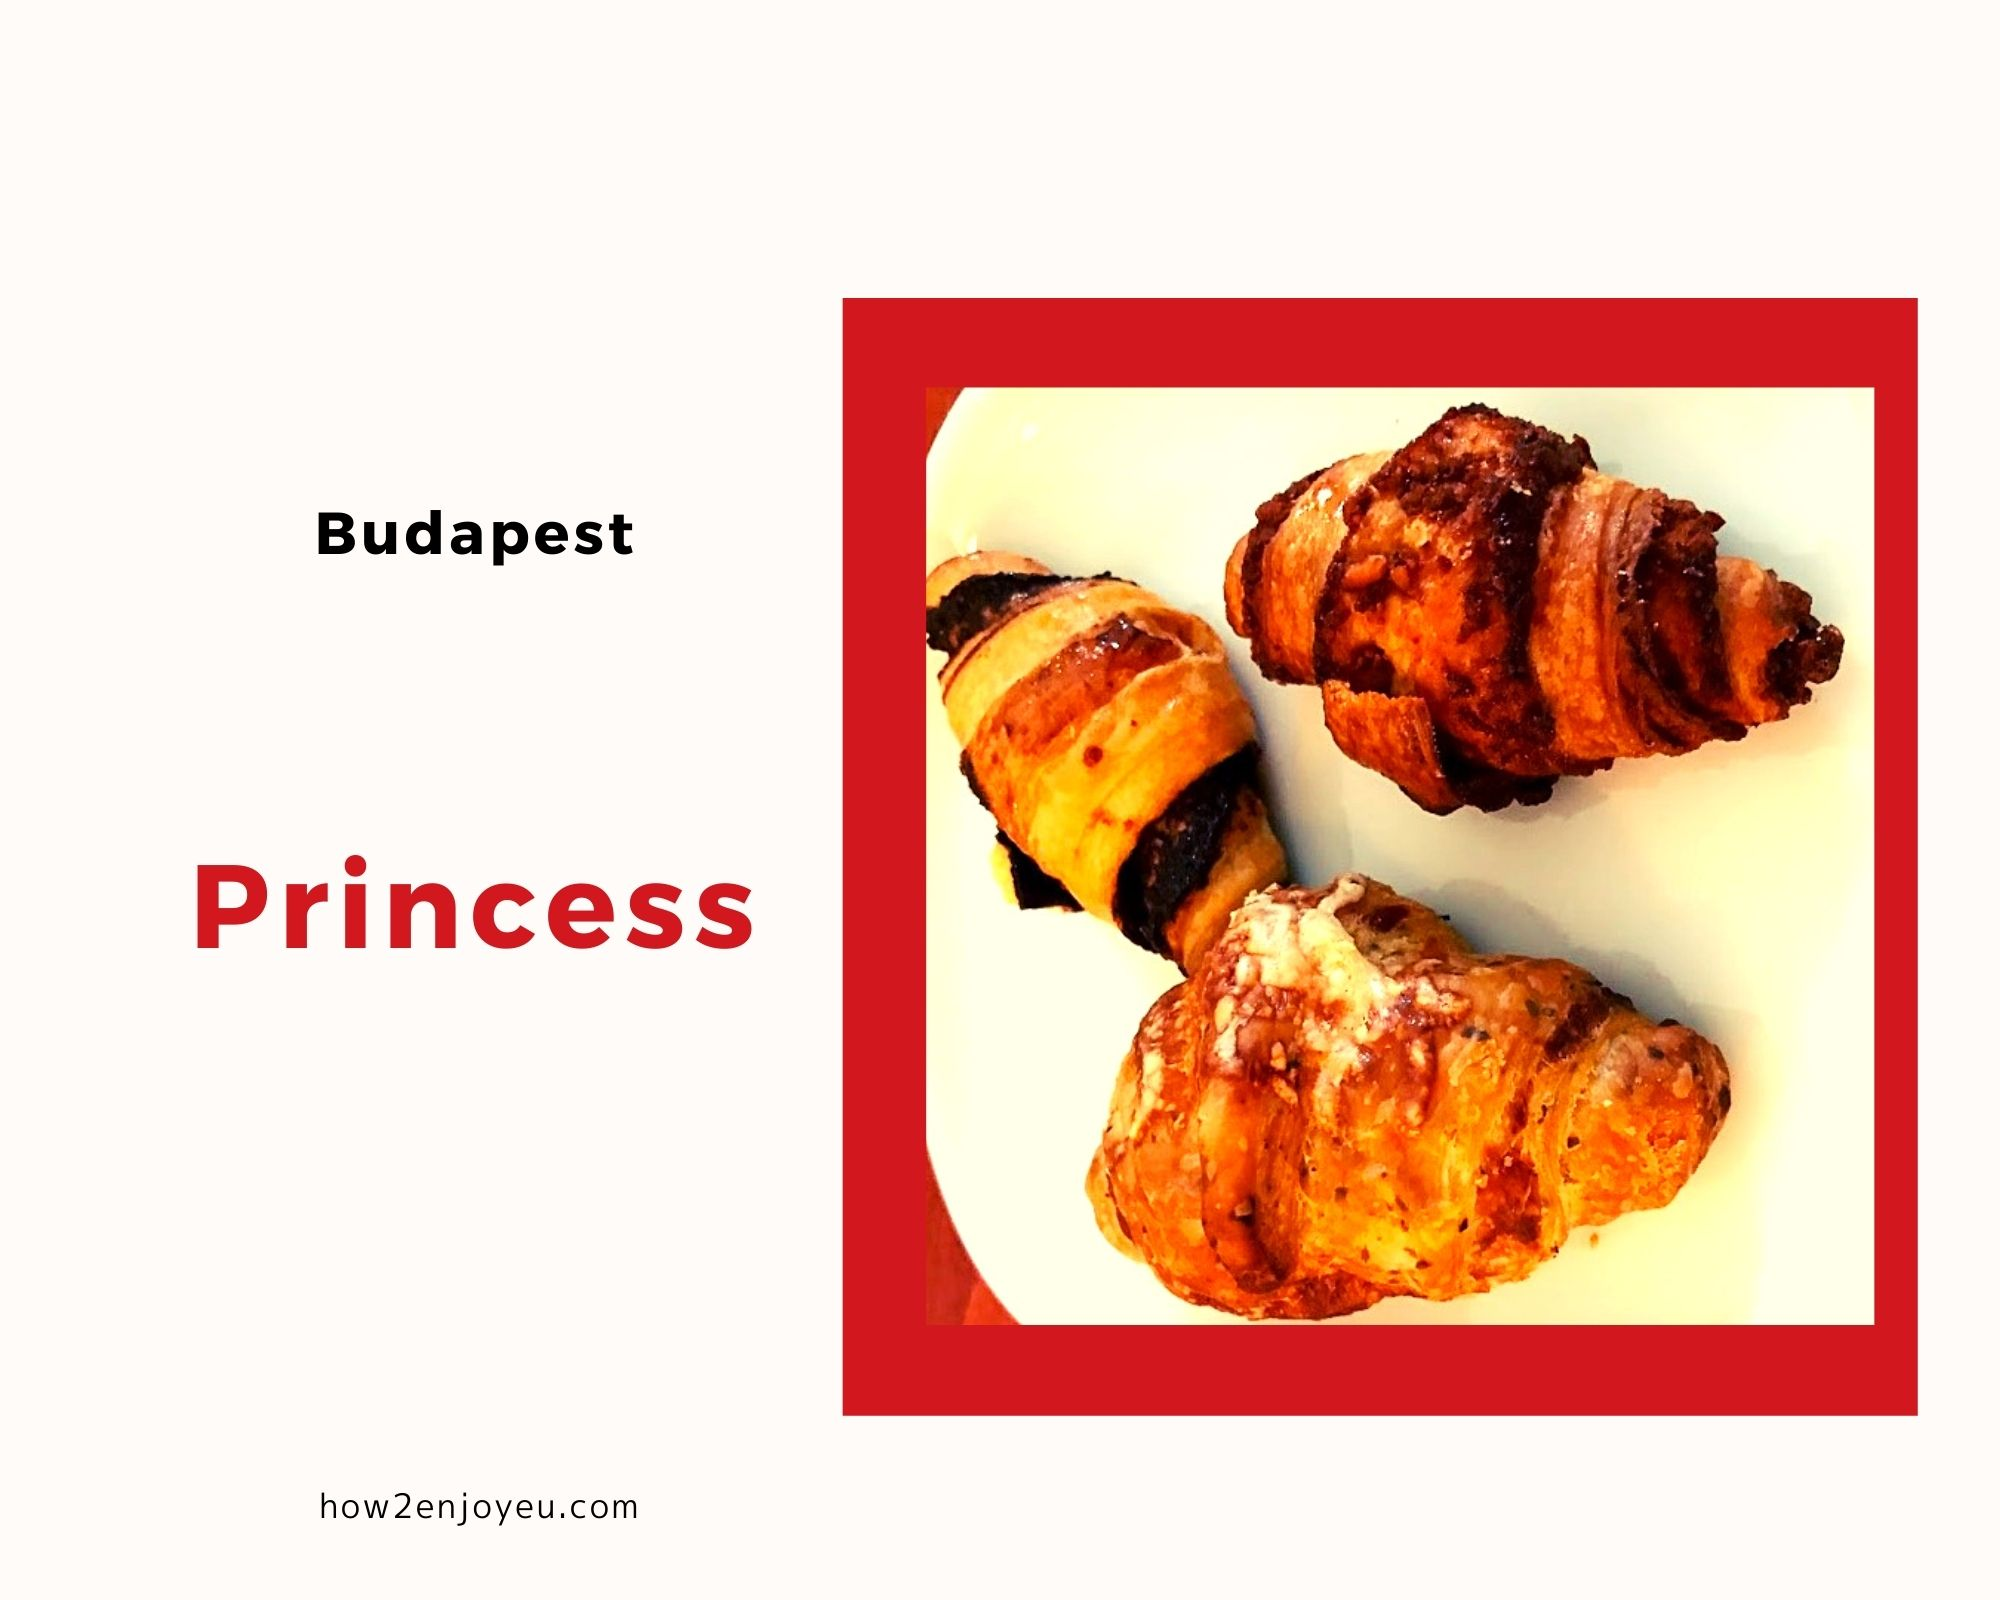 ブダペスト、地下鉄の駅構内にある【PRINCESS】の量り売りクロワッサン